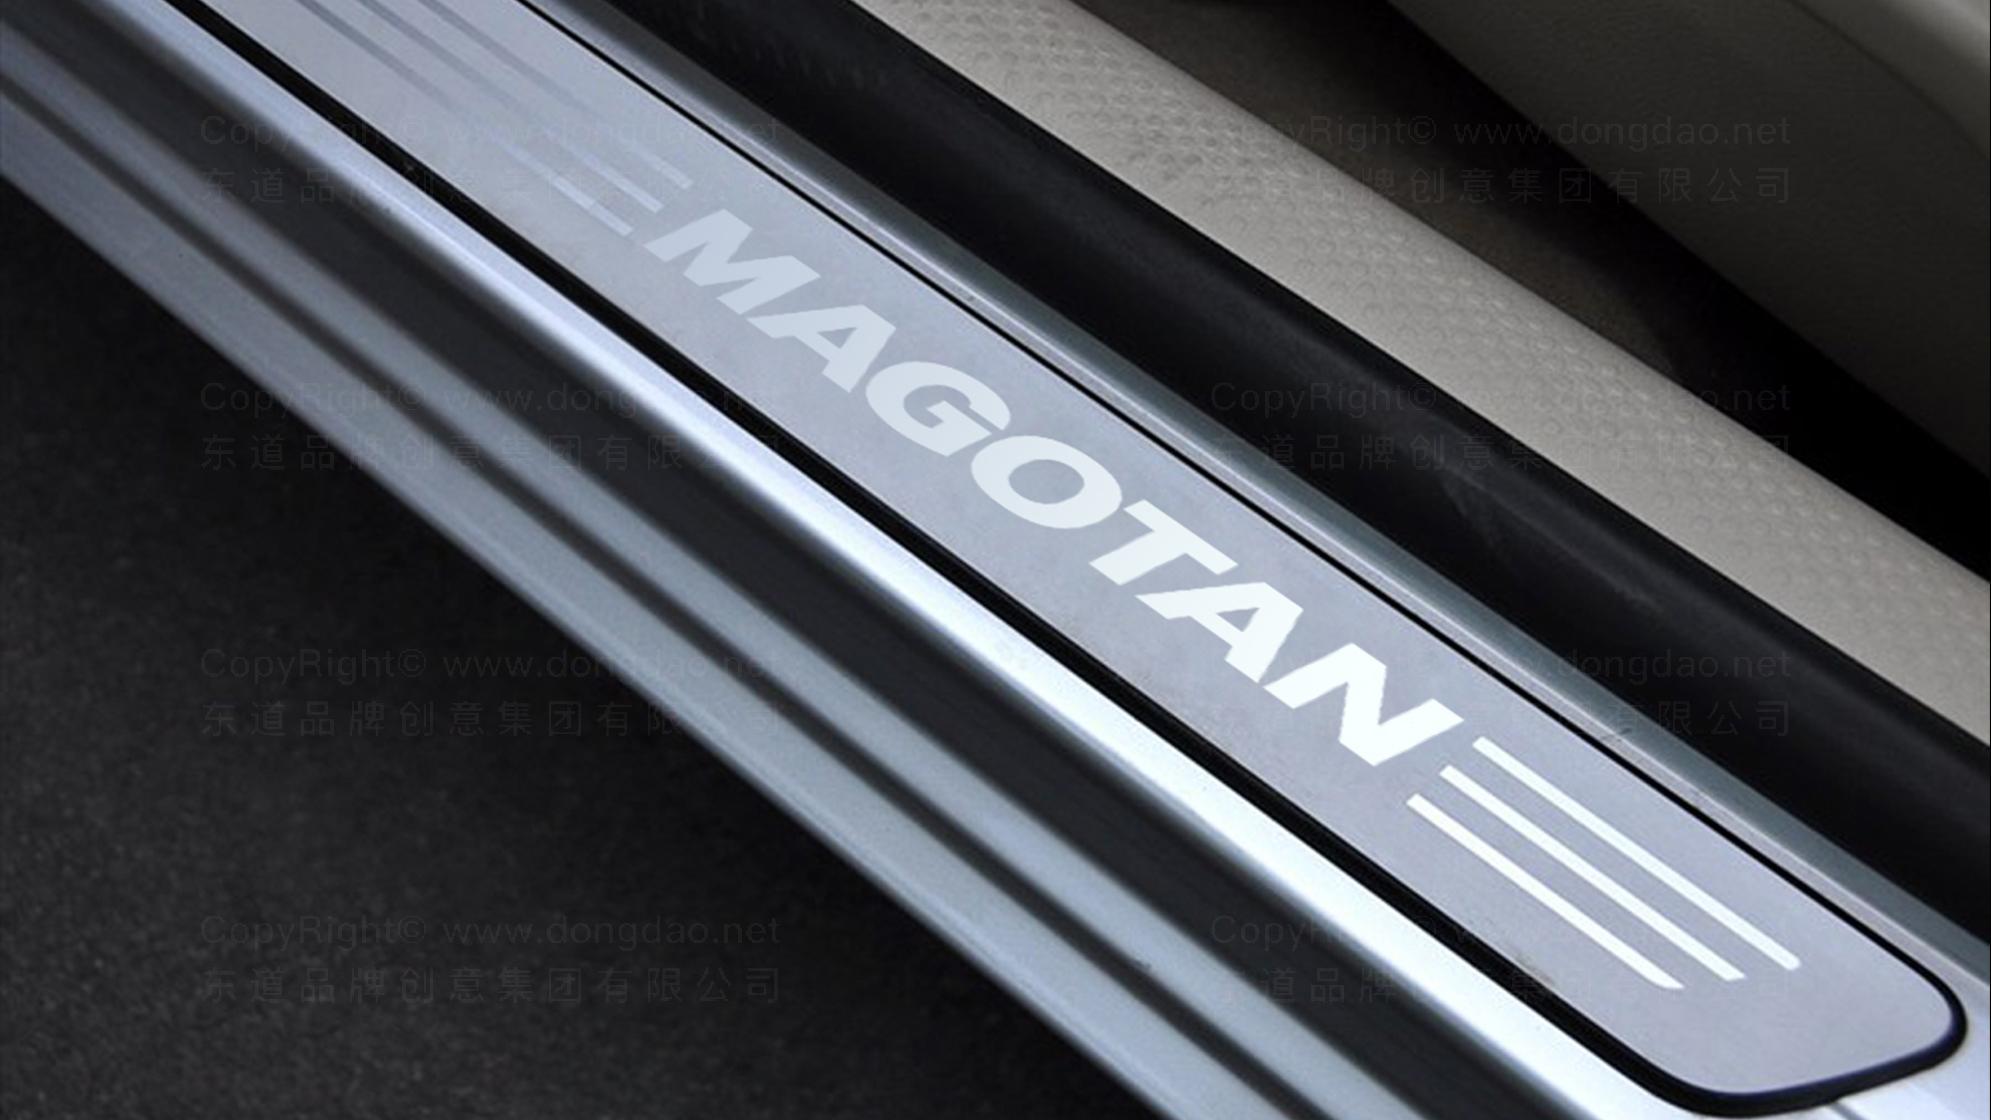 品牌设计案例一汽LOGO设计